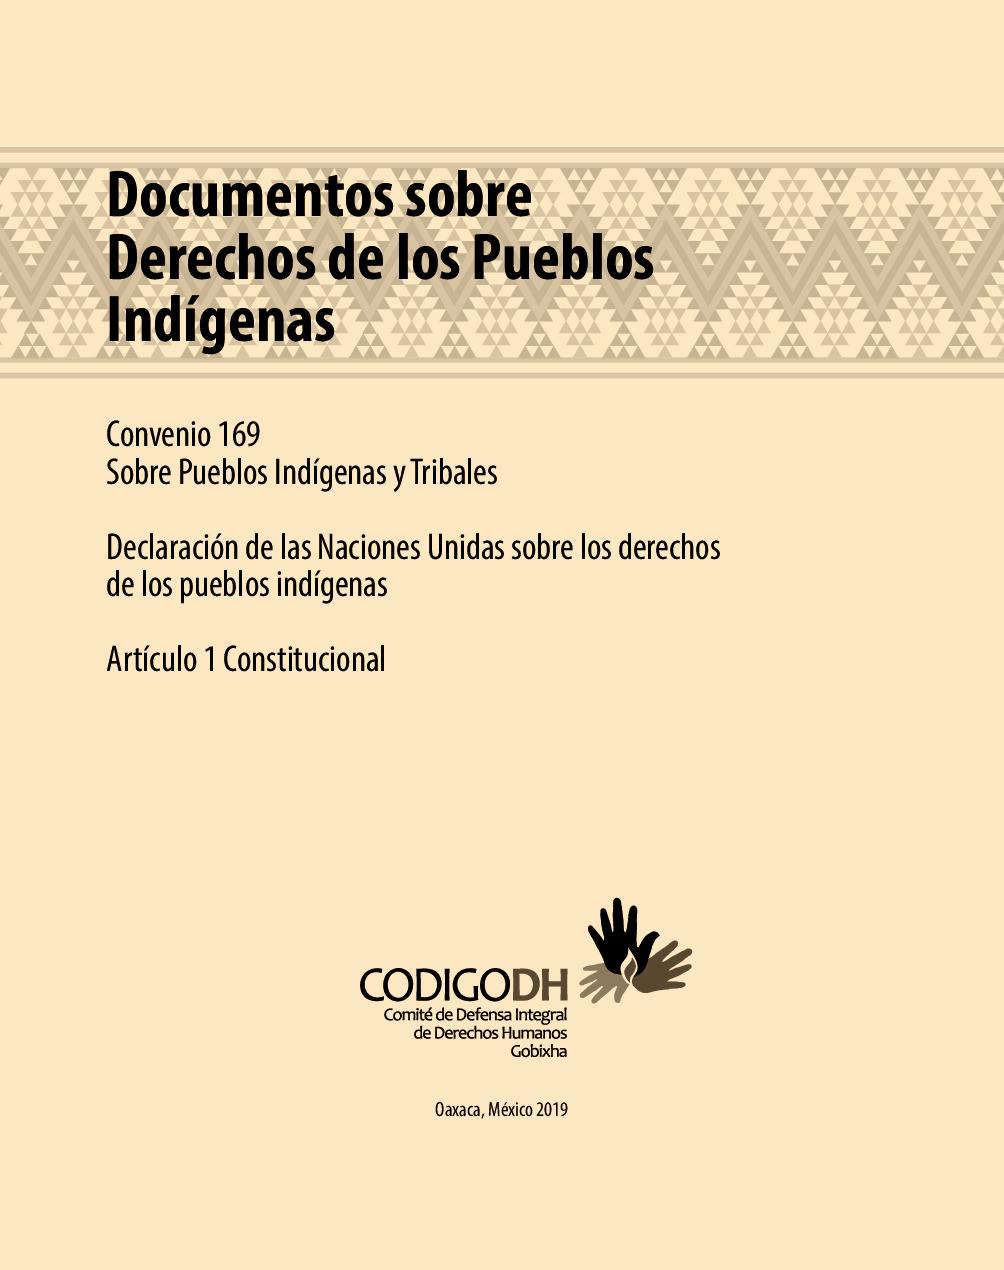 Documentos sobre Derechos de los Pueblos Indígenas